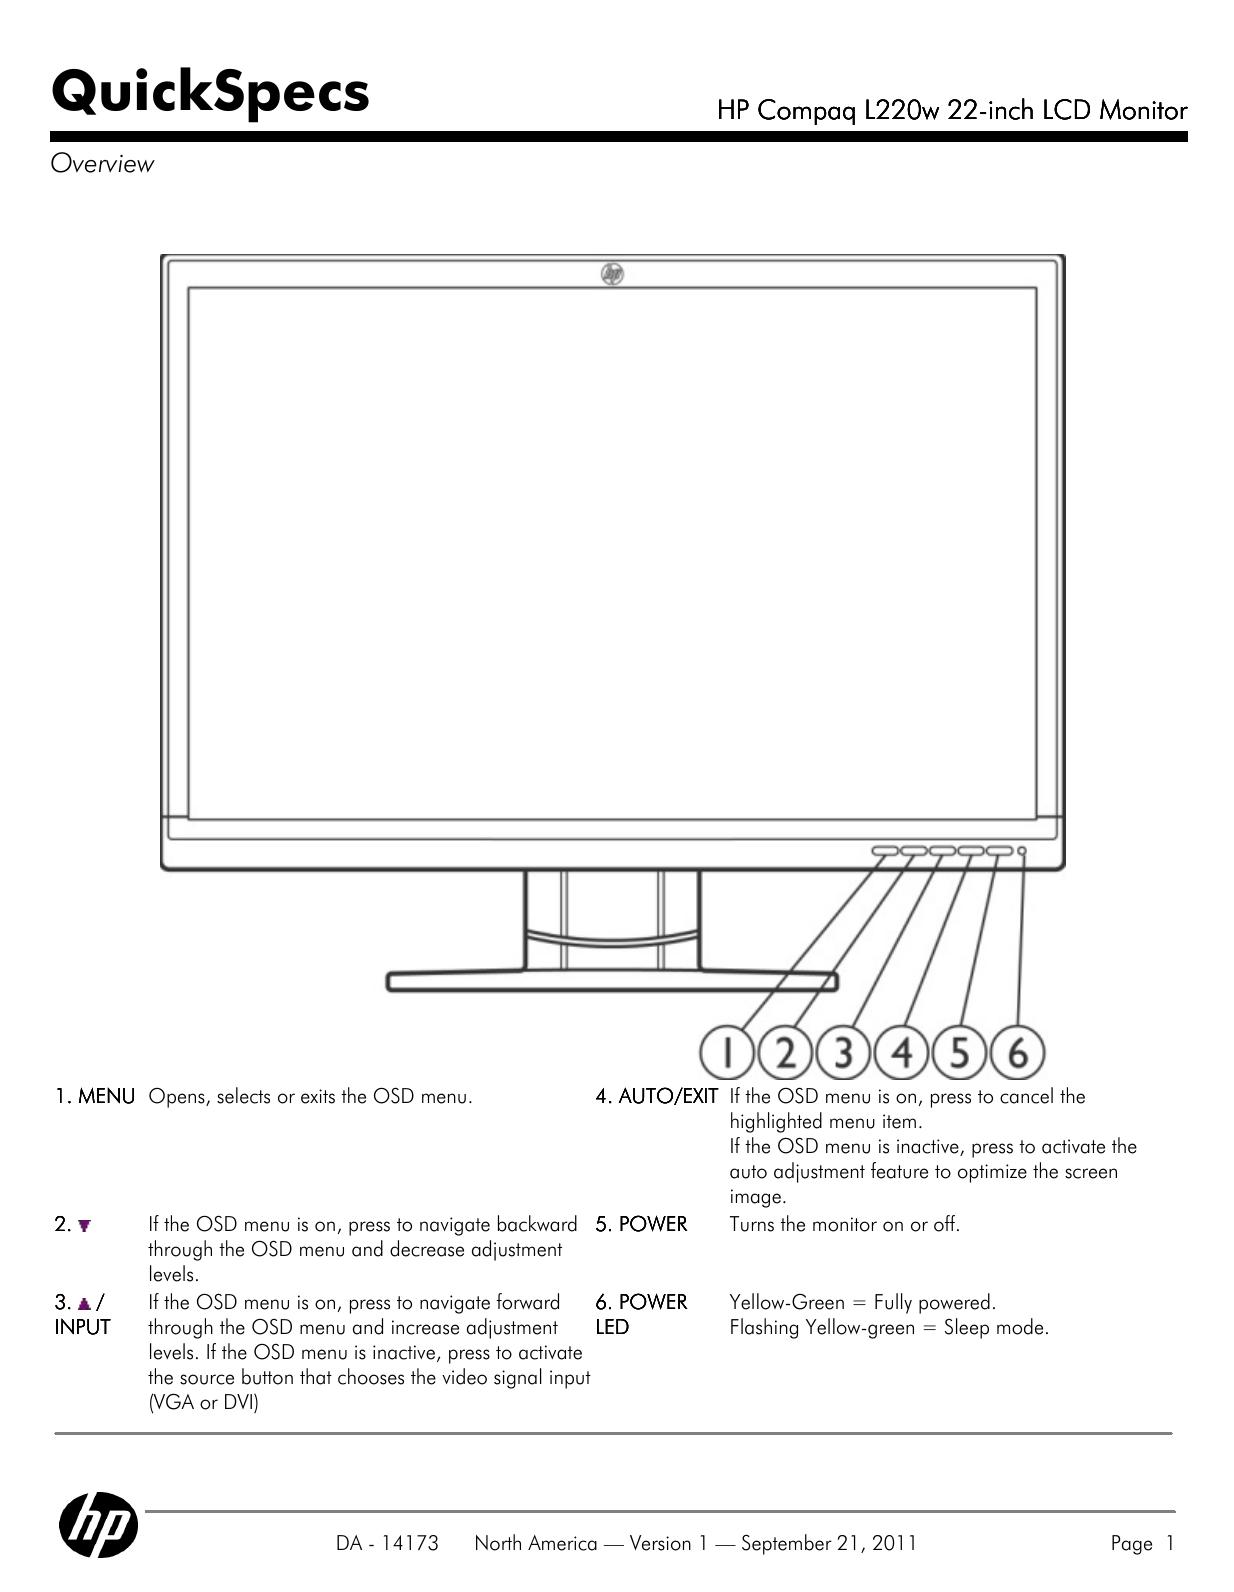 HP COMPAQ L220W LCD MONITOR WINDOWS 7 64BIT DRIVER DOWNLOAD